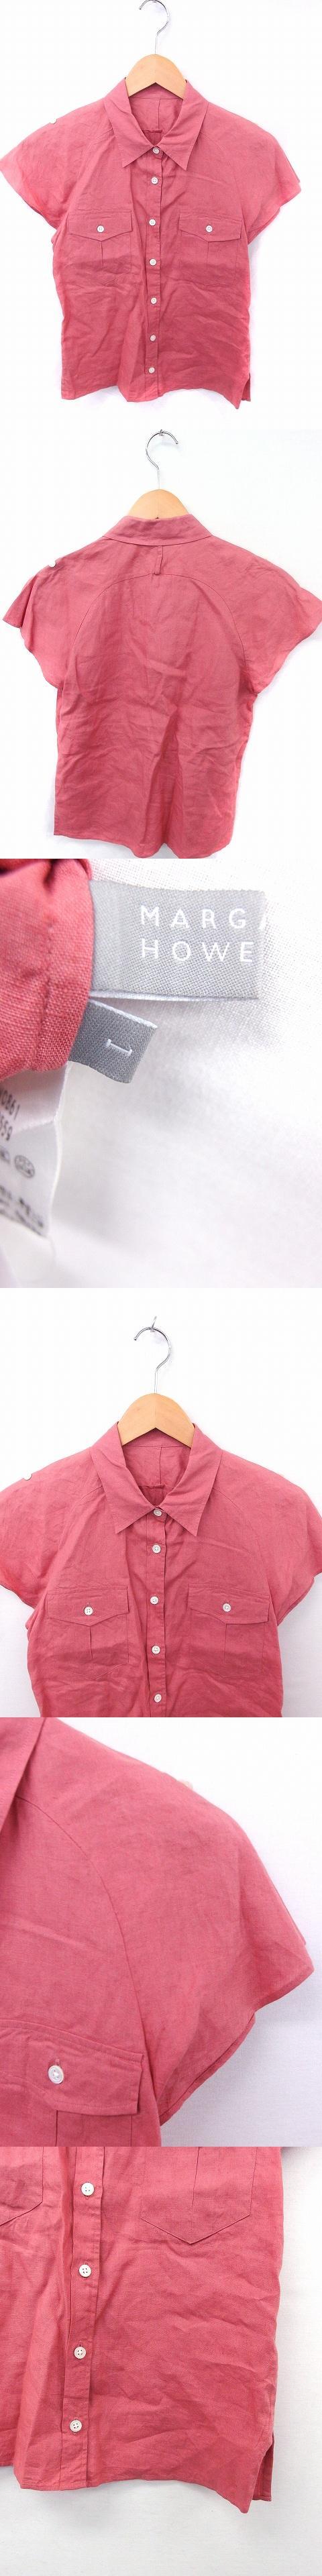 シャツ ブラウス ポケット 無地 シンプル 半袖 リネン 麻 1 ピンク /FT20